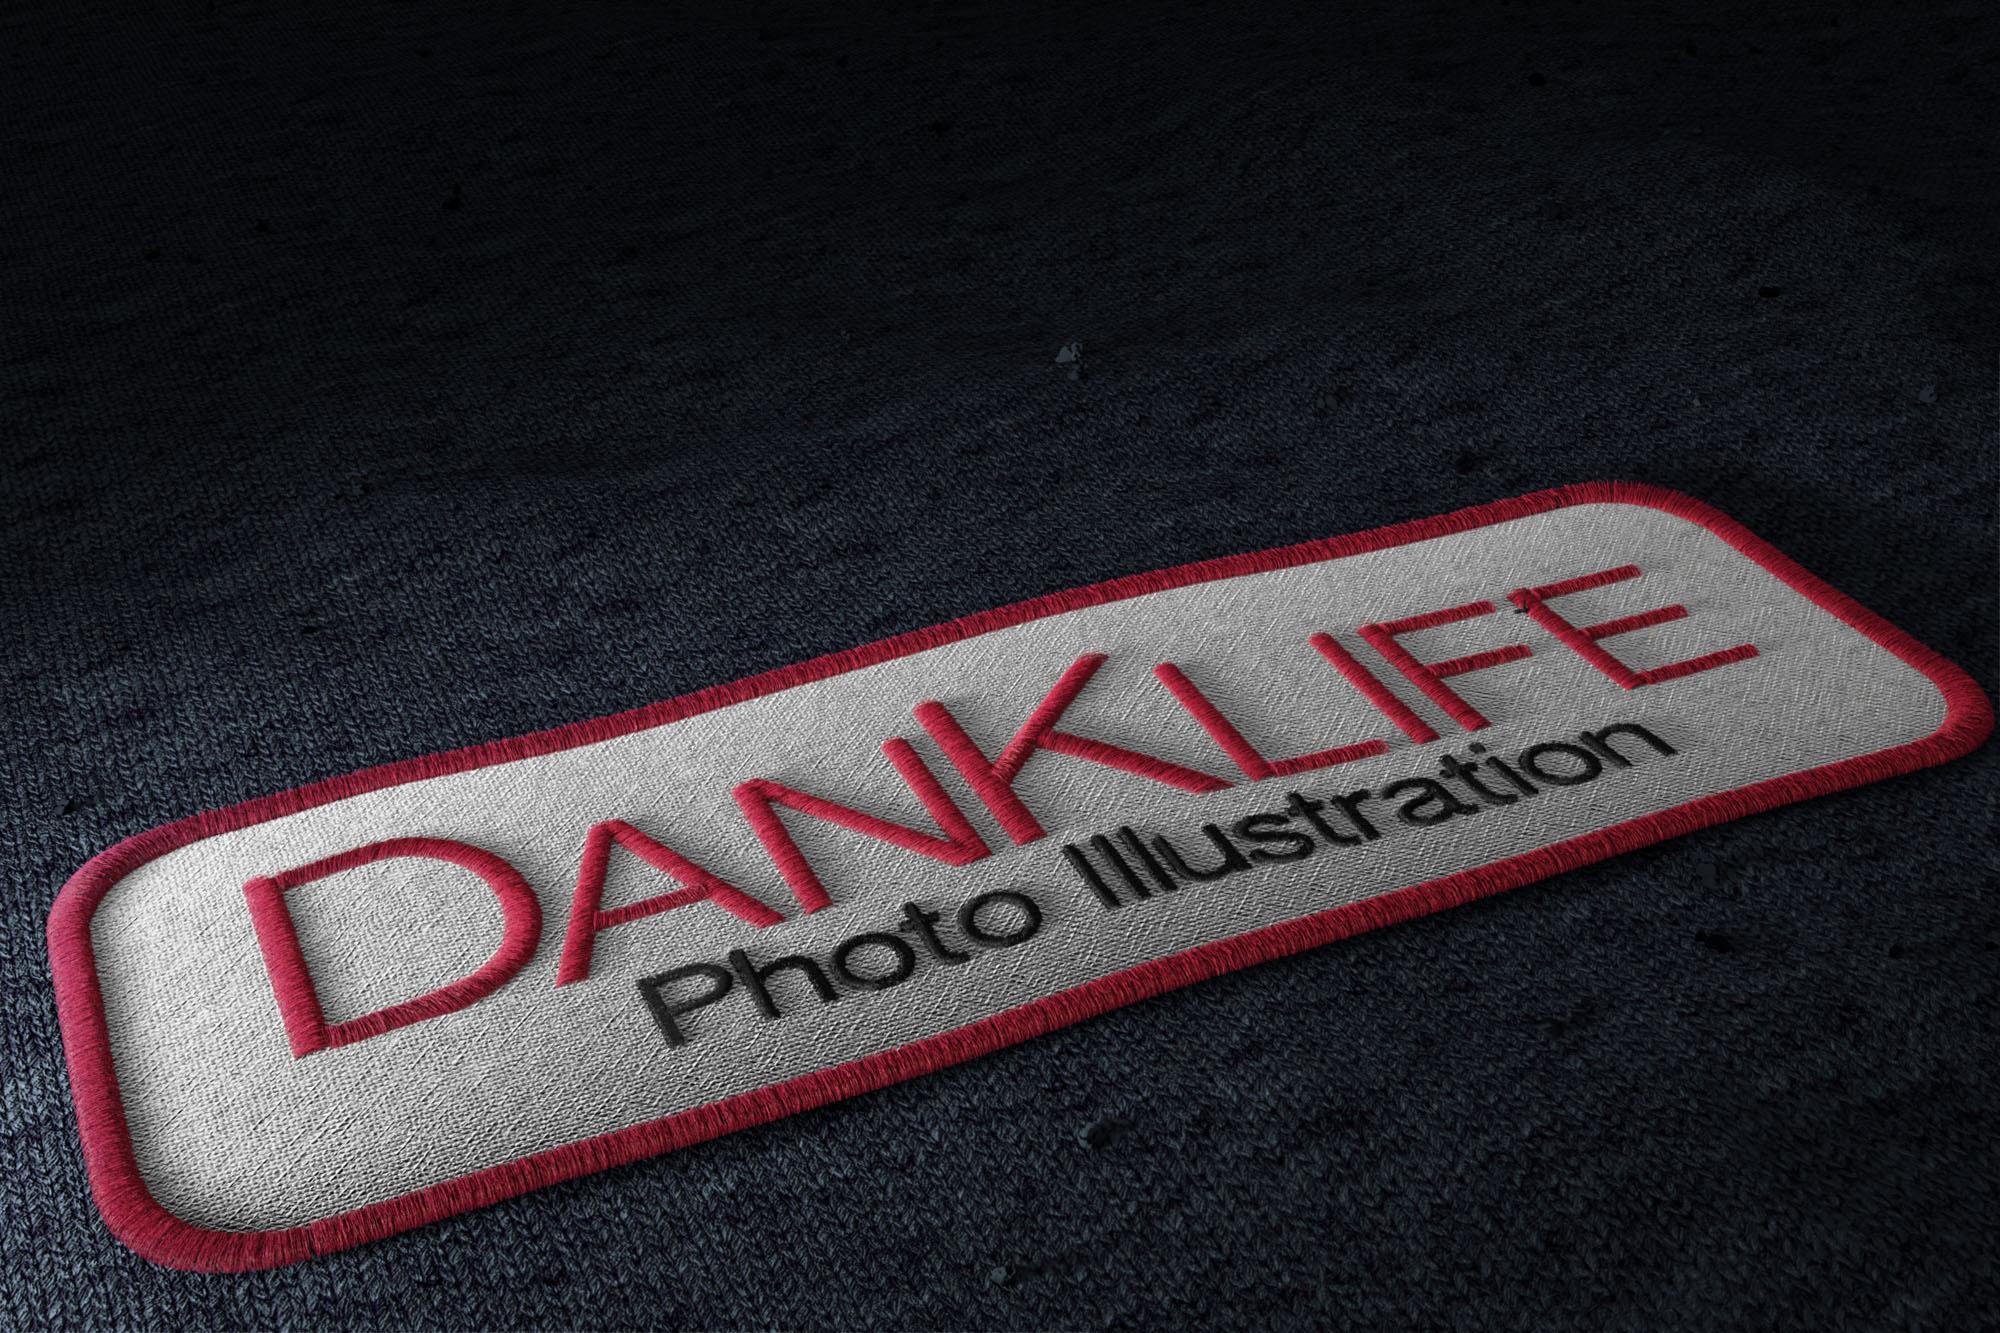 Danklife_Stitch_002.jpg